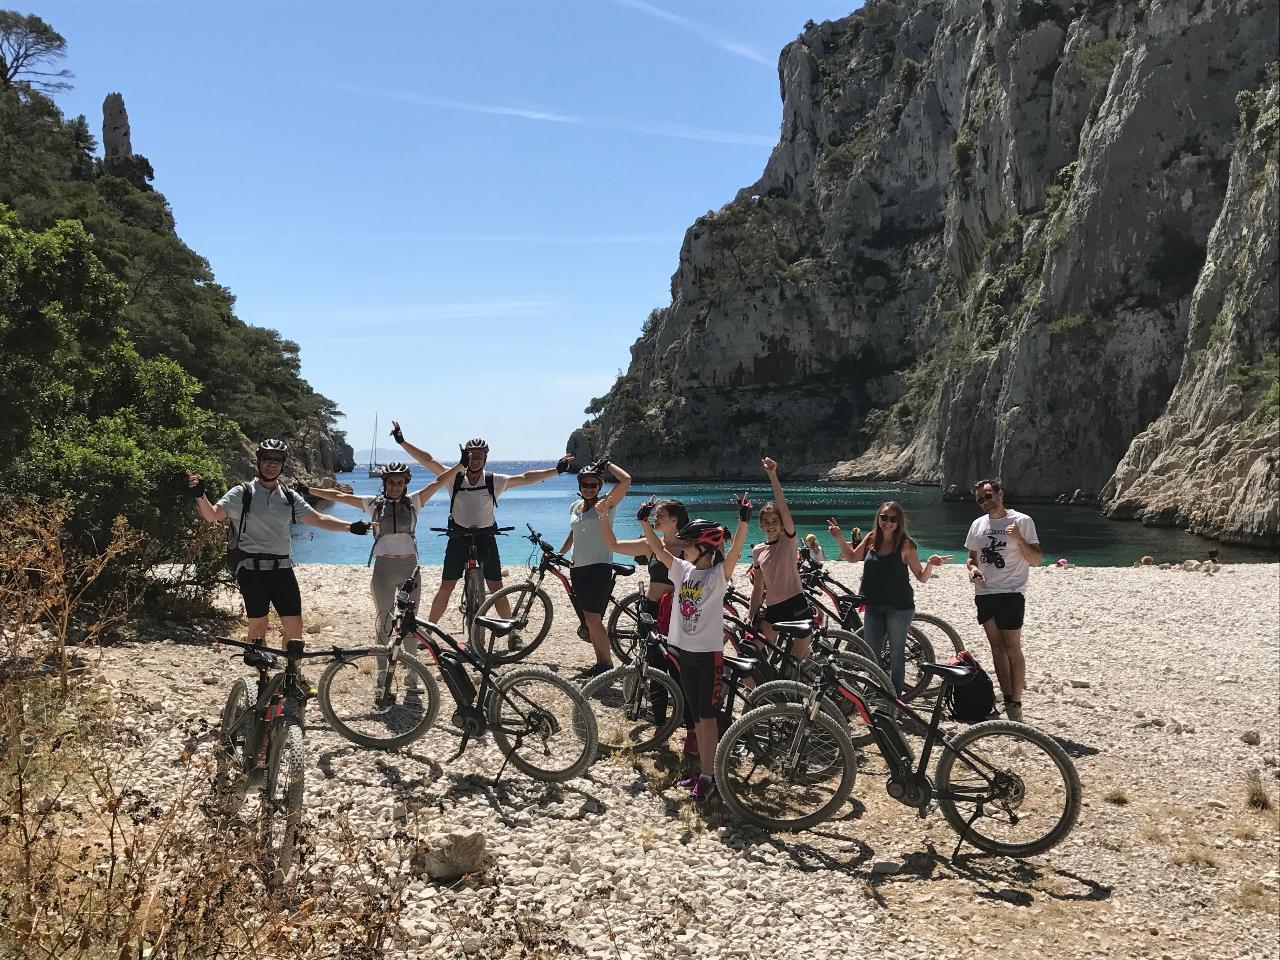 """Tour VTT electrique Cassis """"Les 3 Calanques"""" (niveau moyen) - E-mountain bike tour """"3 Calanques"""" (average level)"""